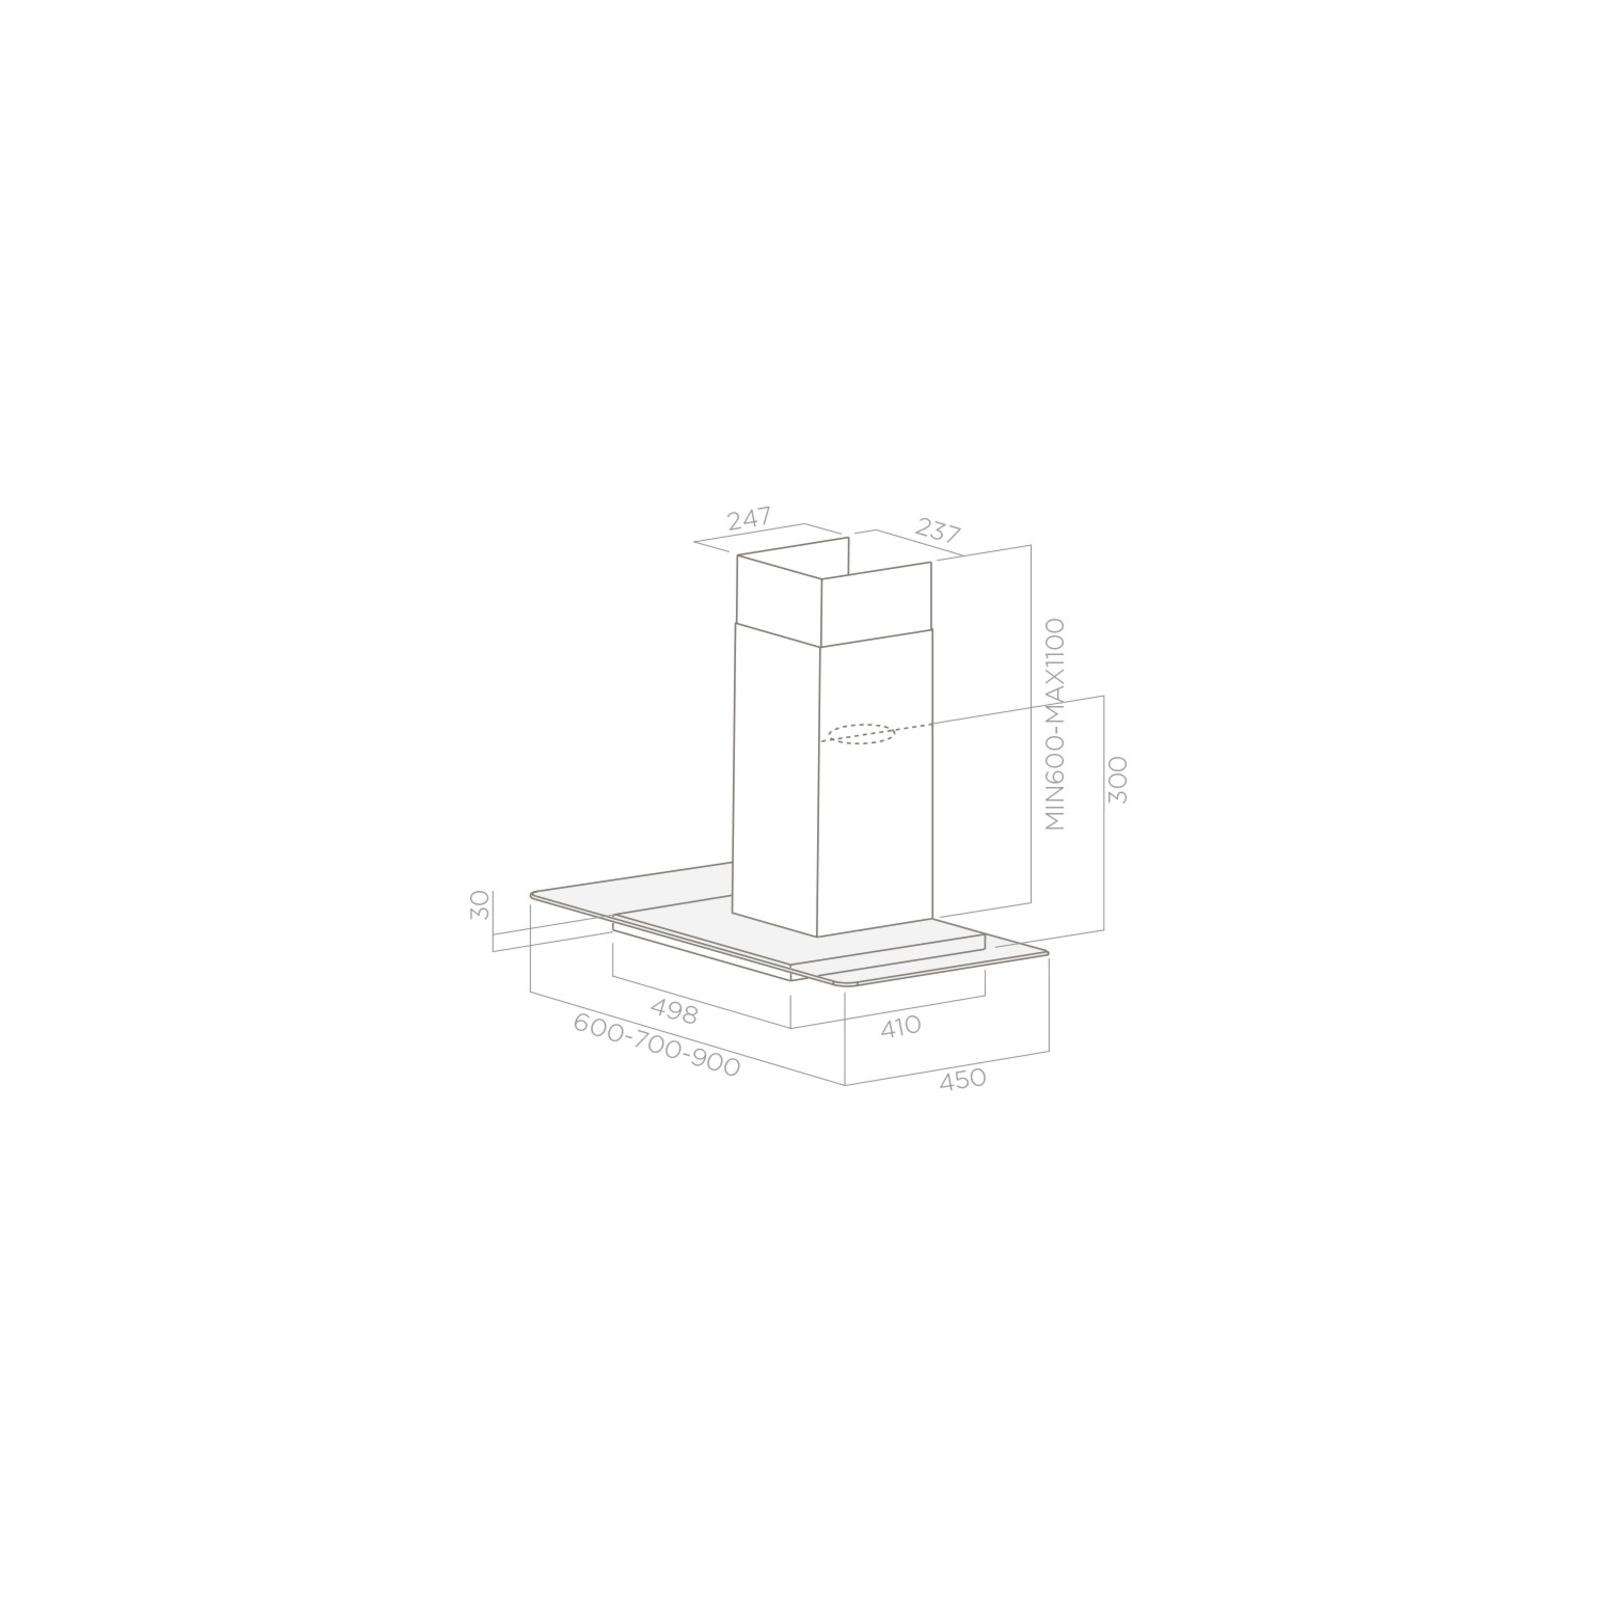 Вытяжка кухонная ELICA FLAT GLASS PLUS IX/A/90 изображение 2